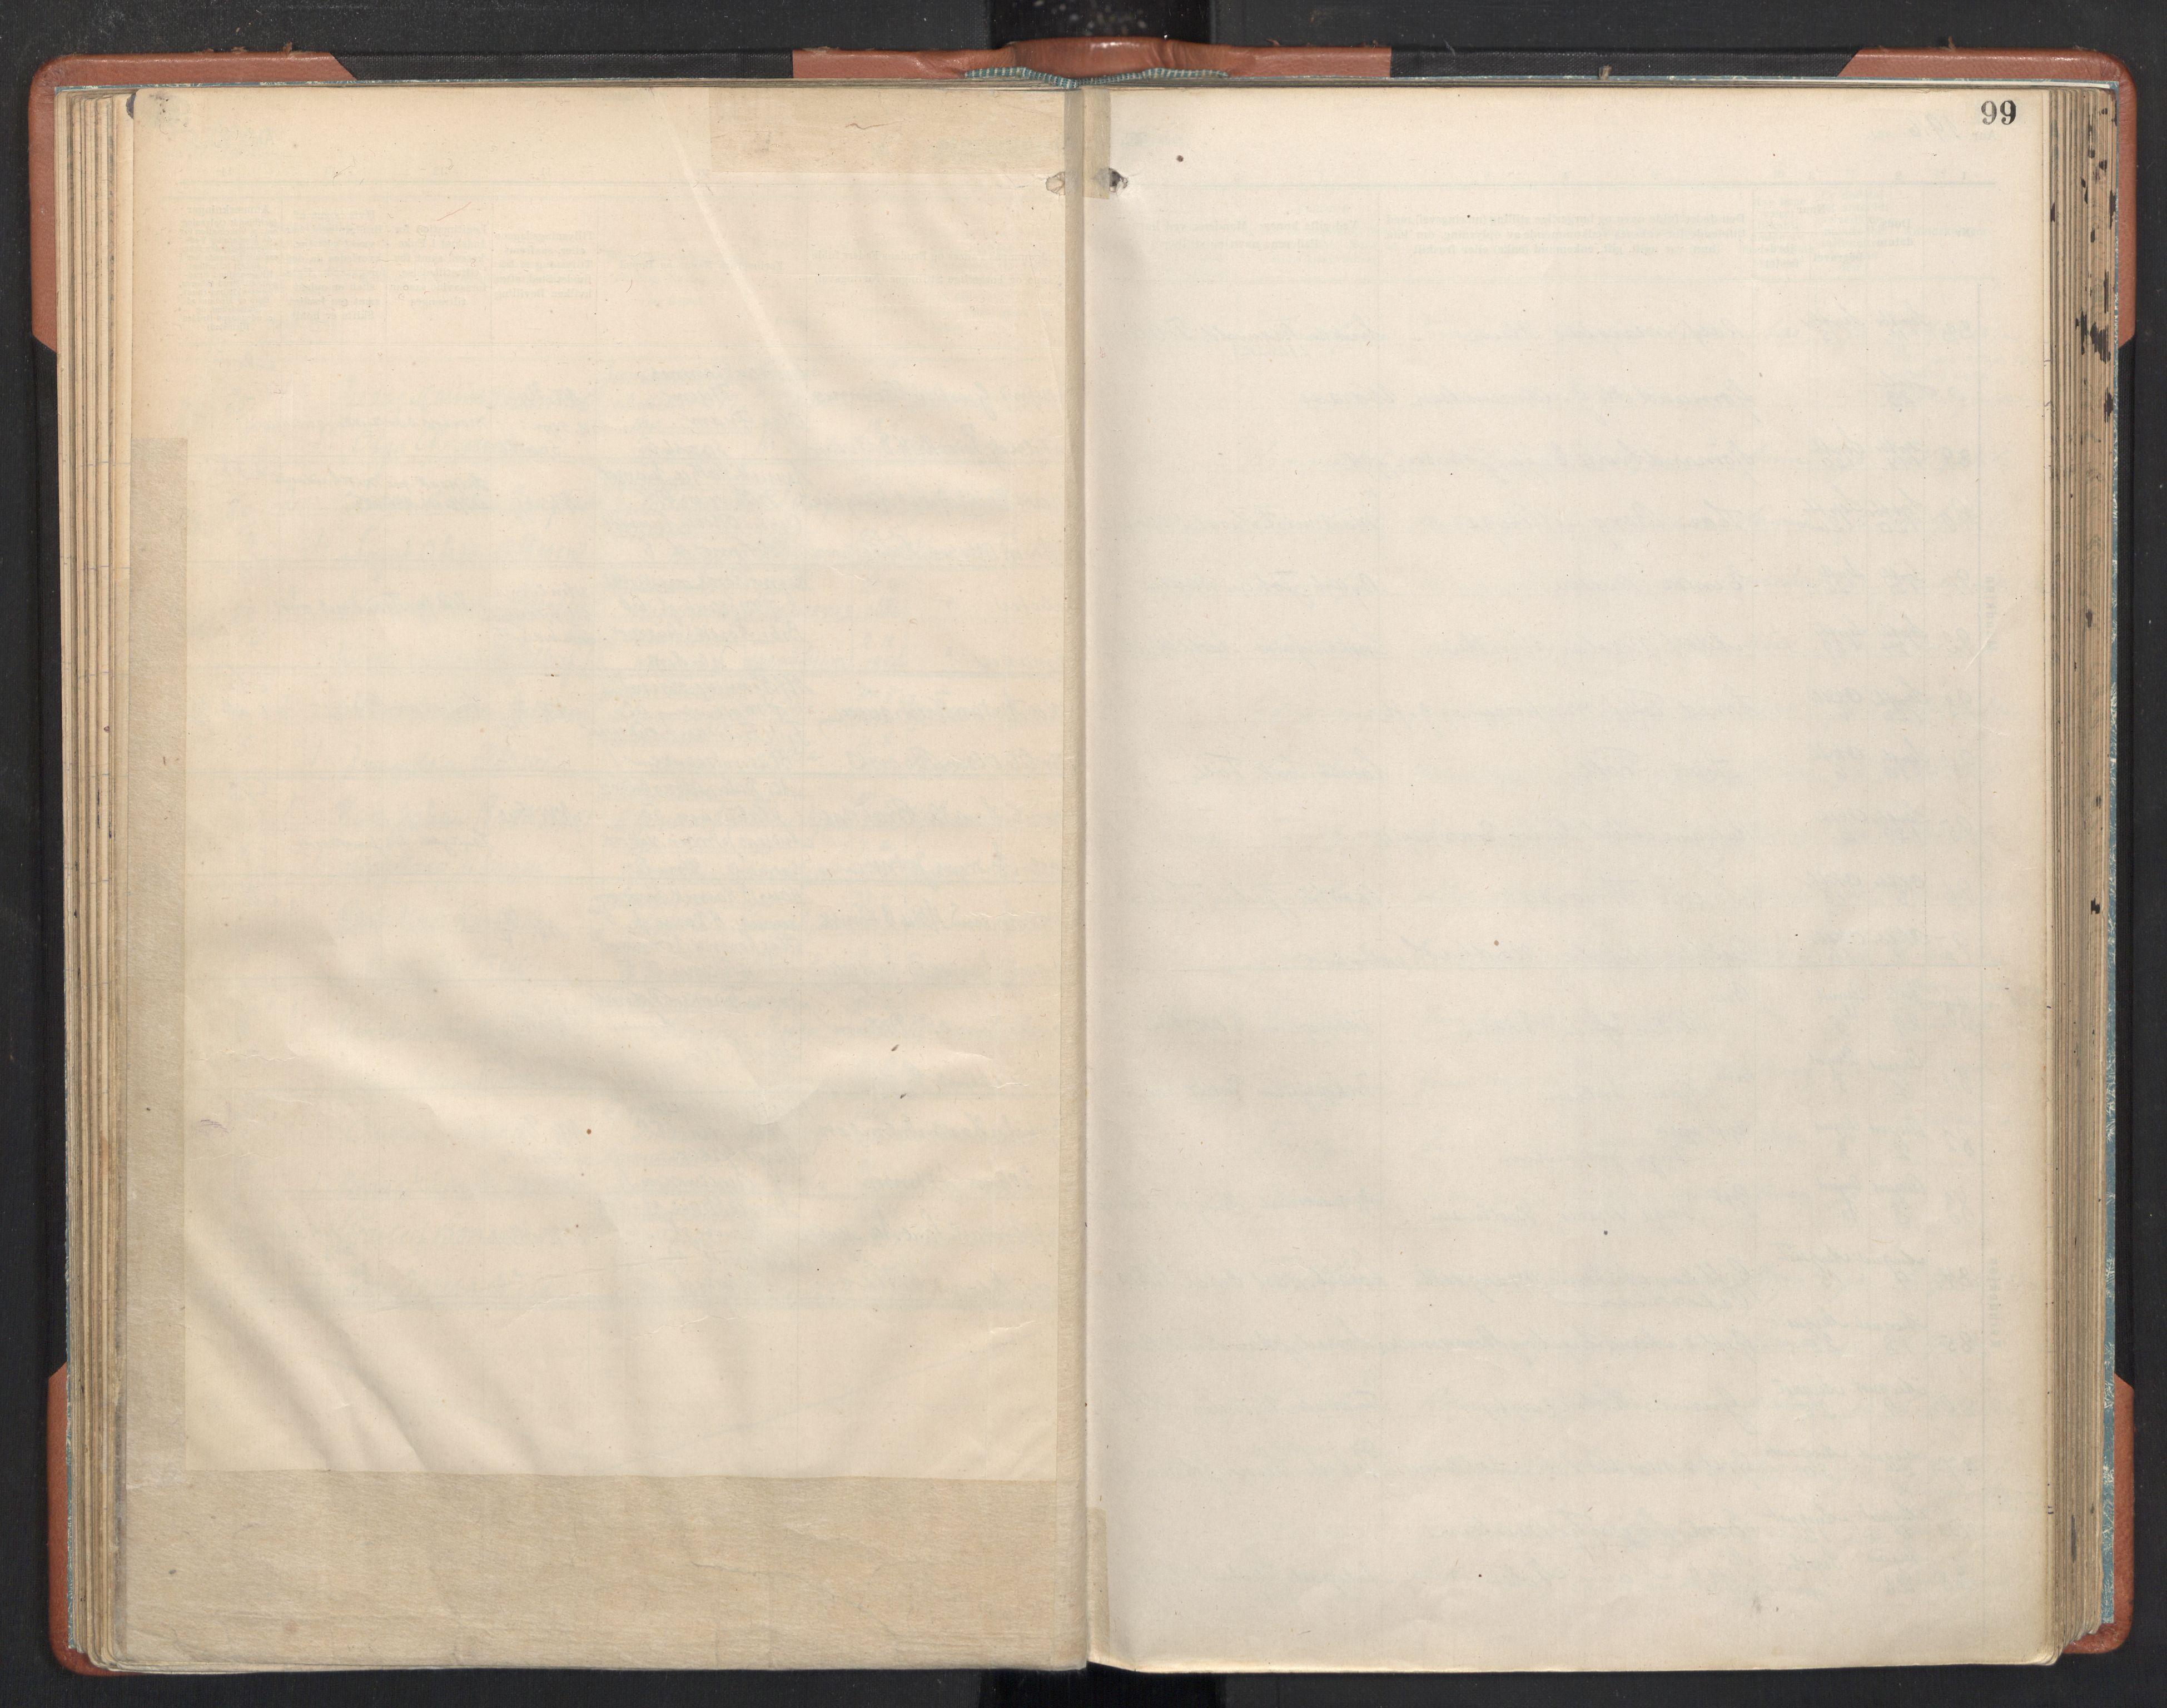 SAT, Ministerialprotokoller, klokkerbøker og fødselsregistre - Sør-Trøndelag, 605/L0245: Ministerialbok nr. 605A07, 1916-1938, s. 99